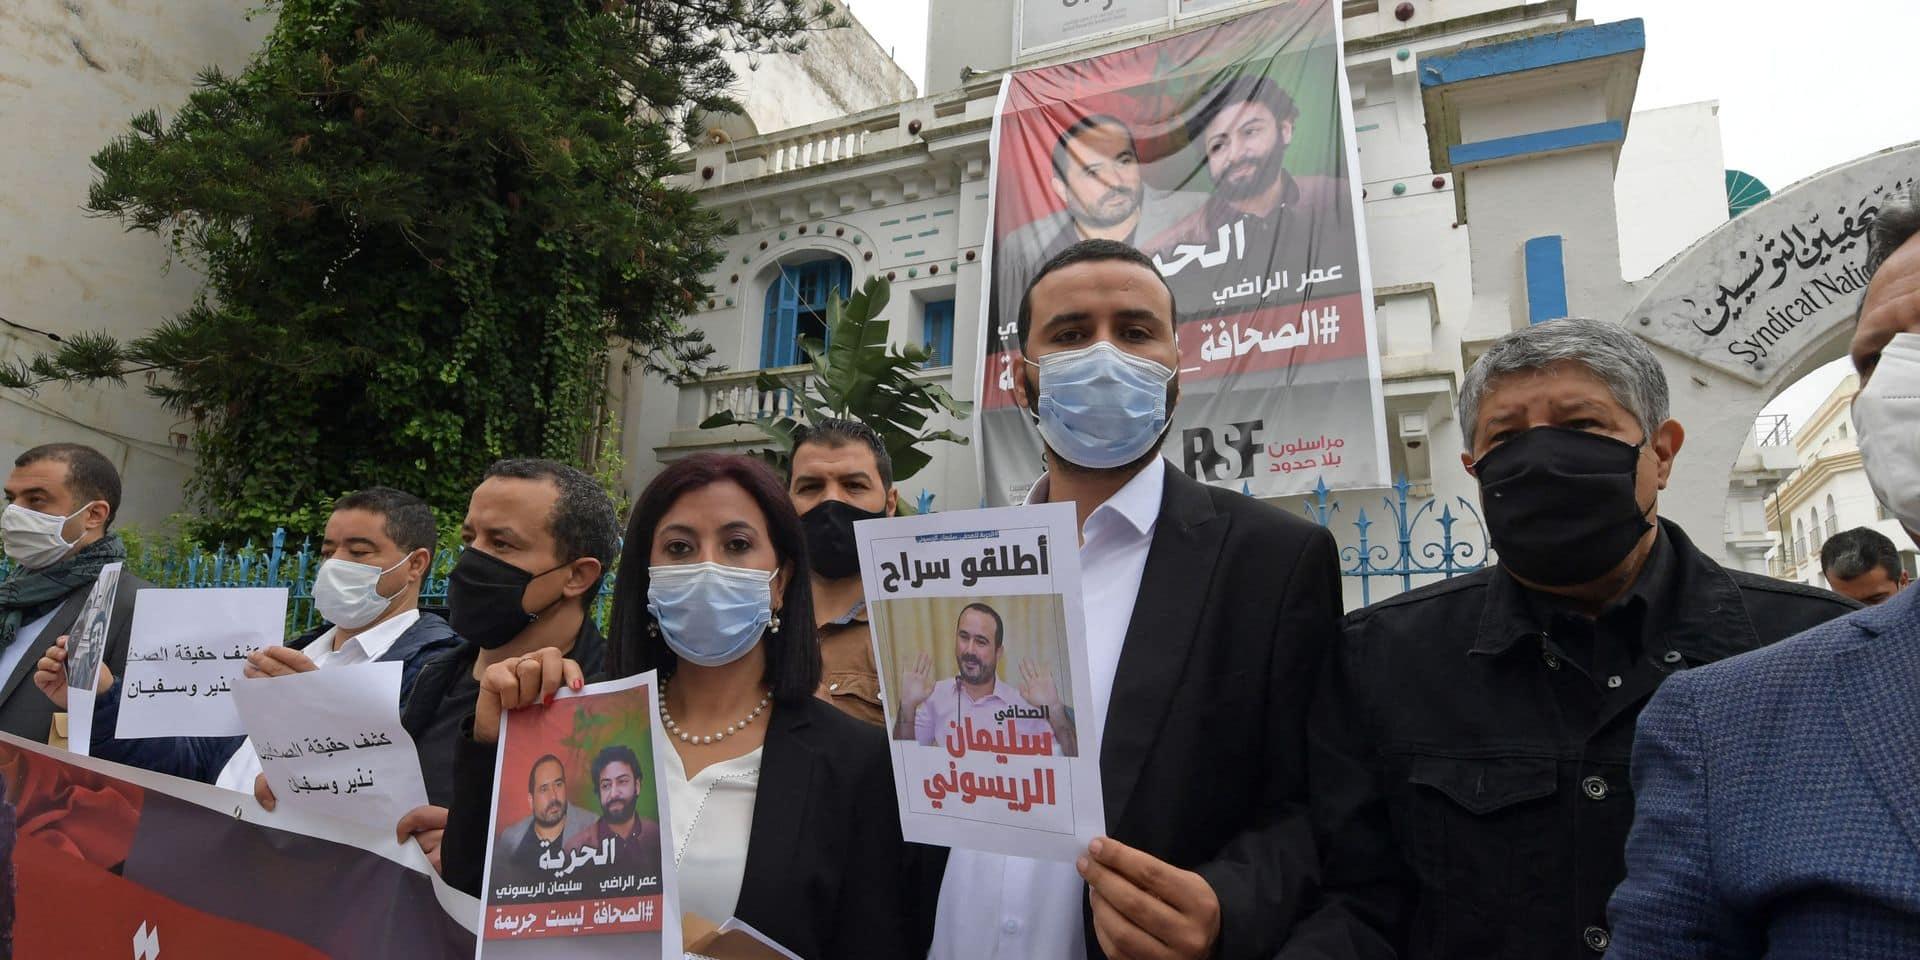 """Un journaliste condamné à cinq ans de prison pour """"agression sexuelle"""", absent du procès: """"C'est une boucherie judiciaire"""""""